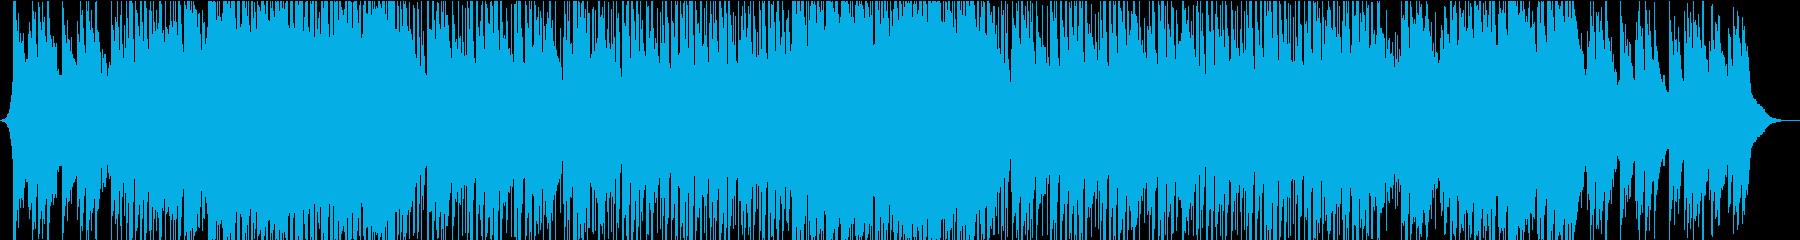 ピアノがメインの切なくも力強いバラードの再生済みの波形